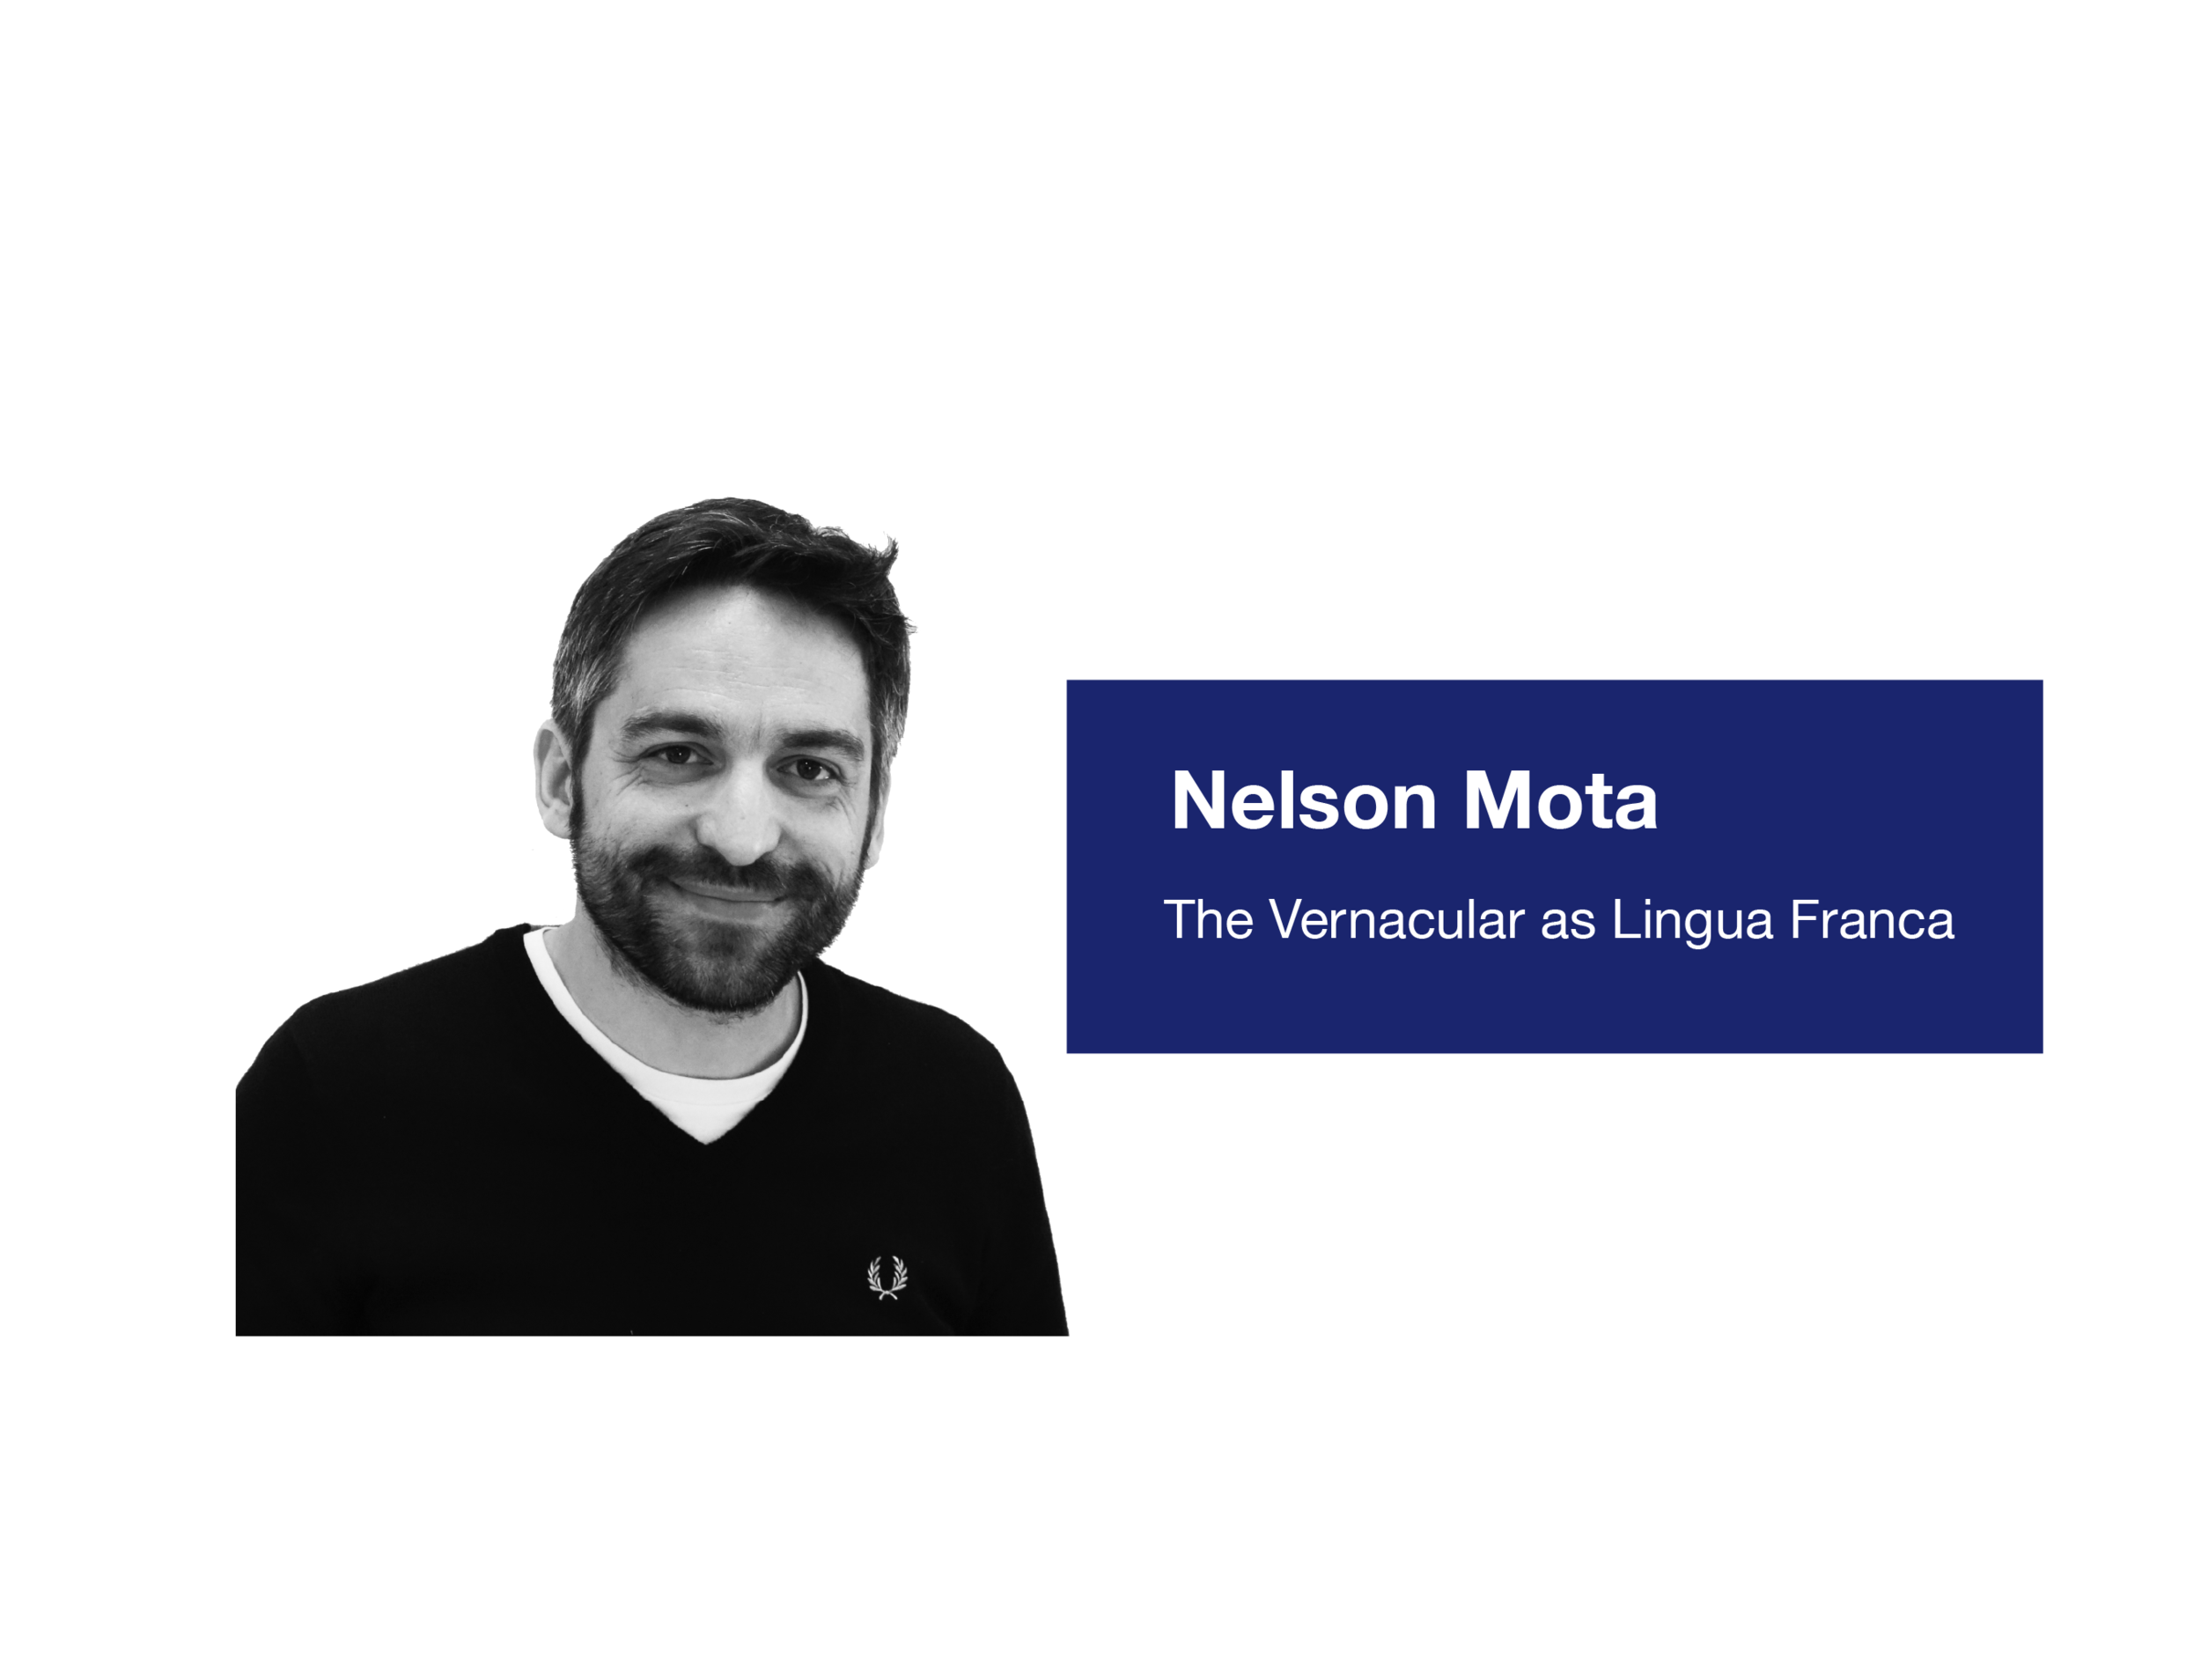 Nelson Mota